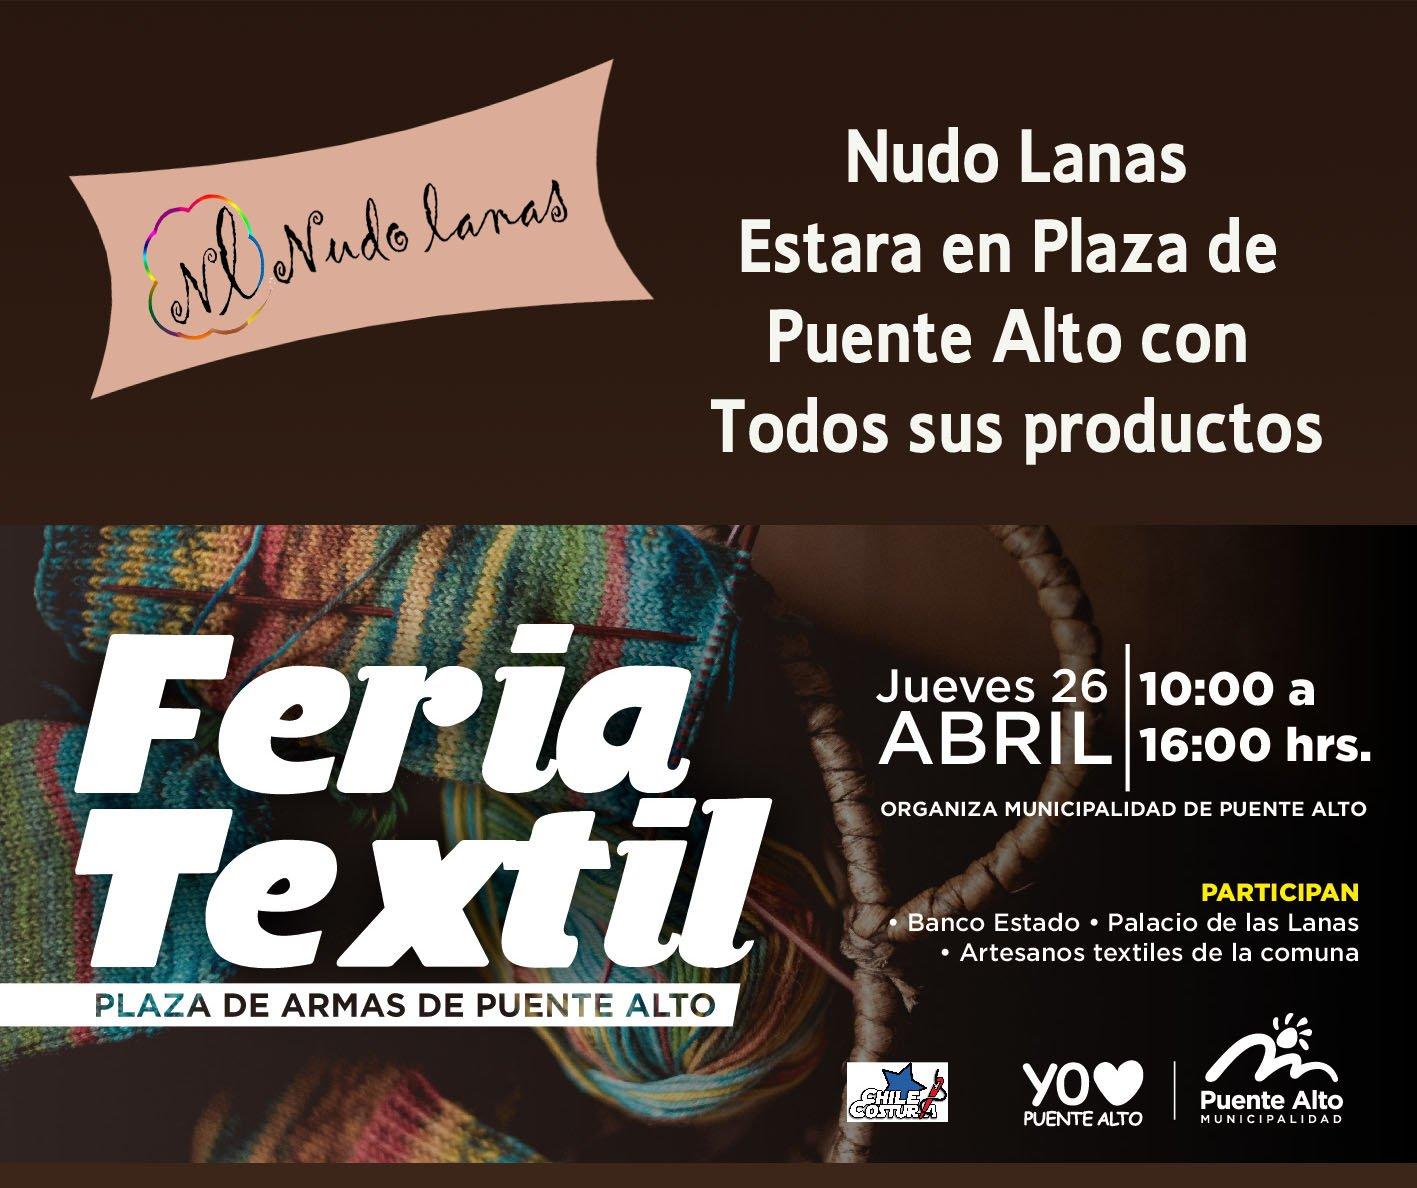 Feria Textil